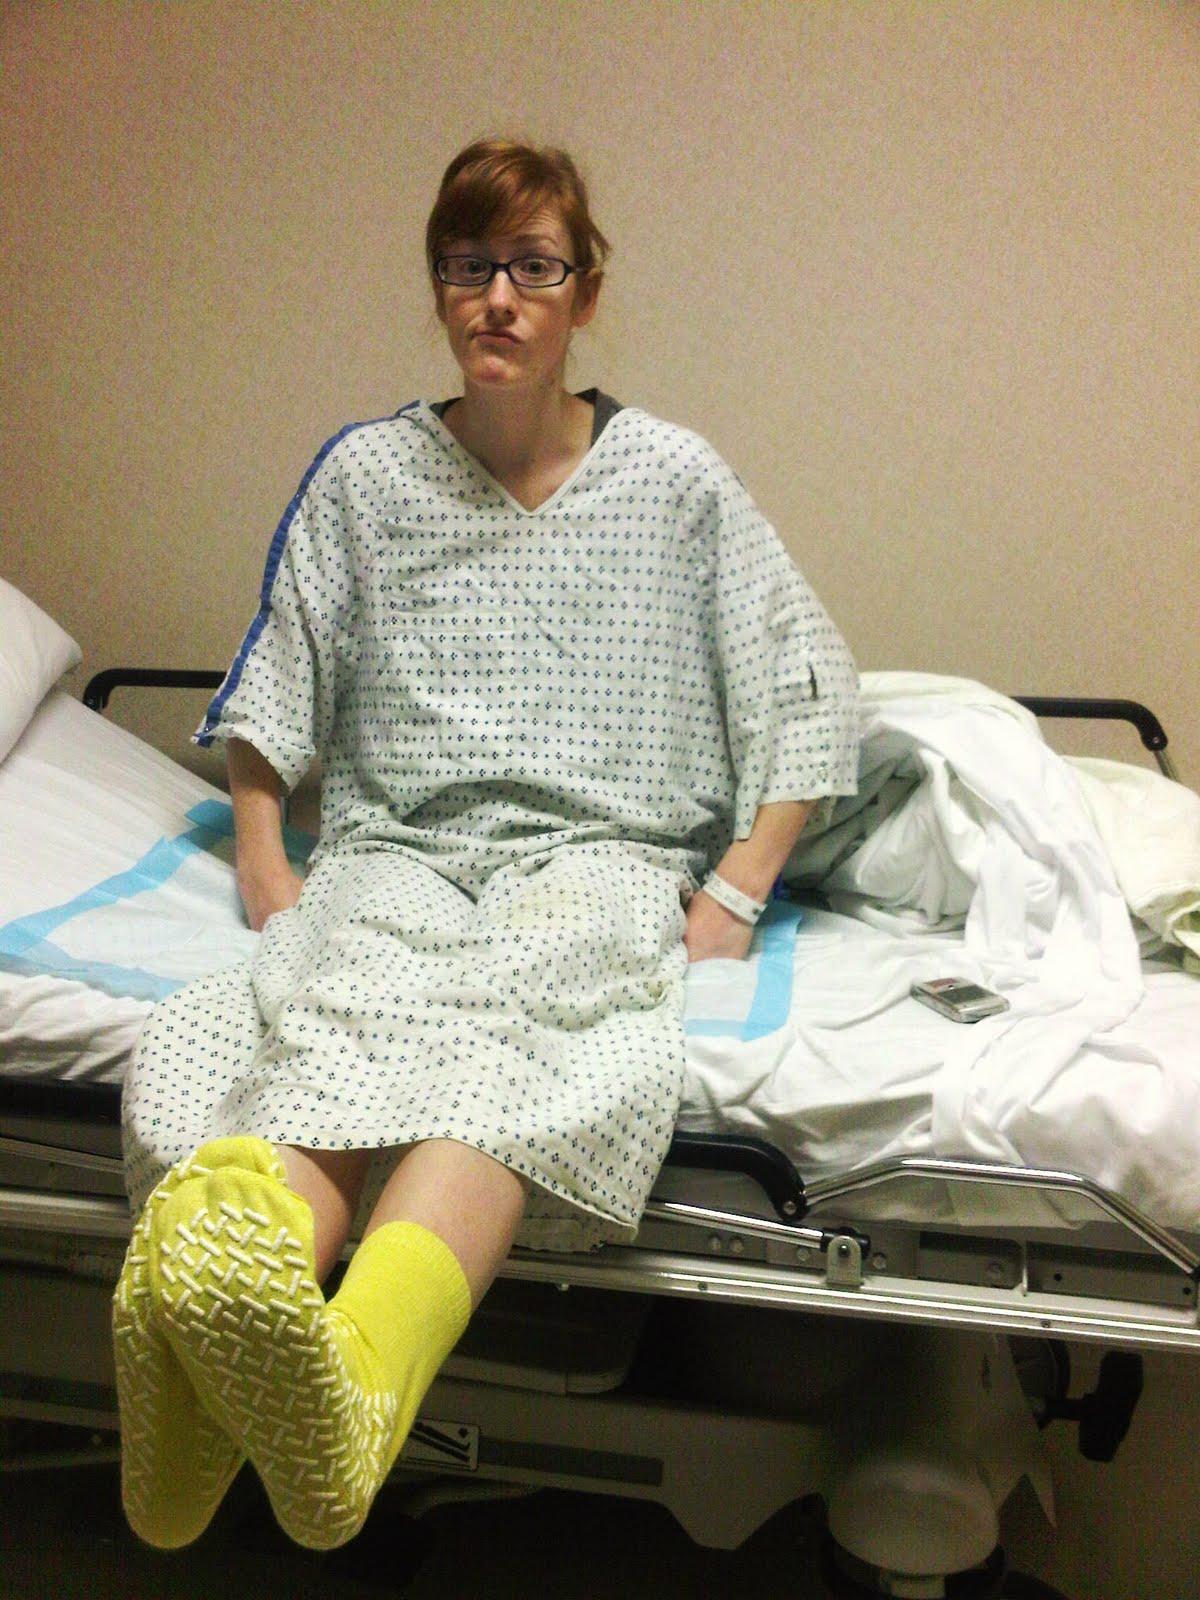 Colonoscopy Room: Jillyn's Cancer Journey: ER Visit & Colonoscopy